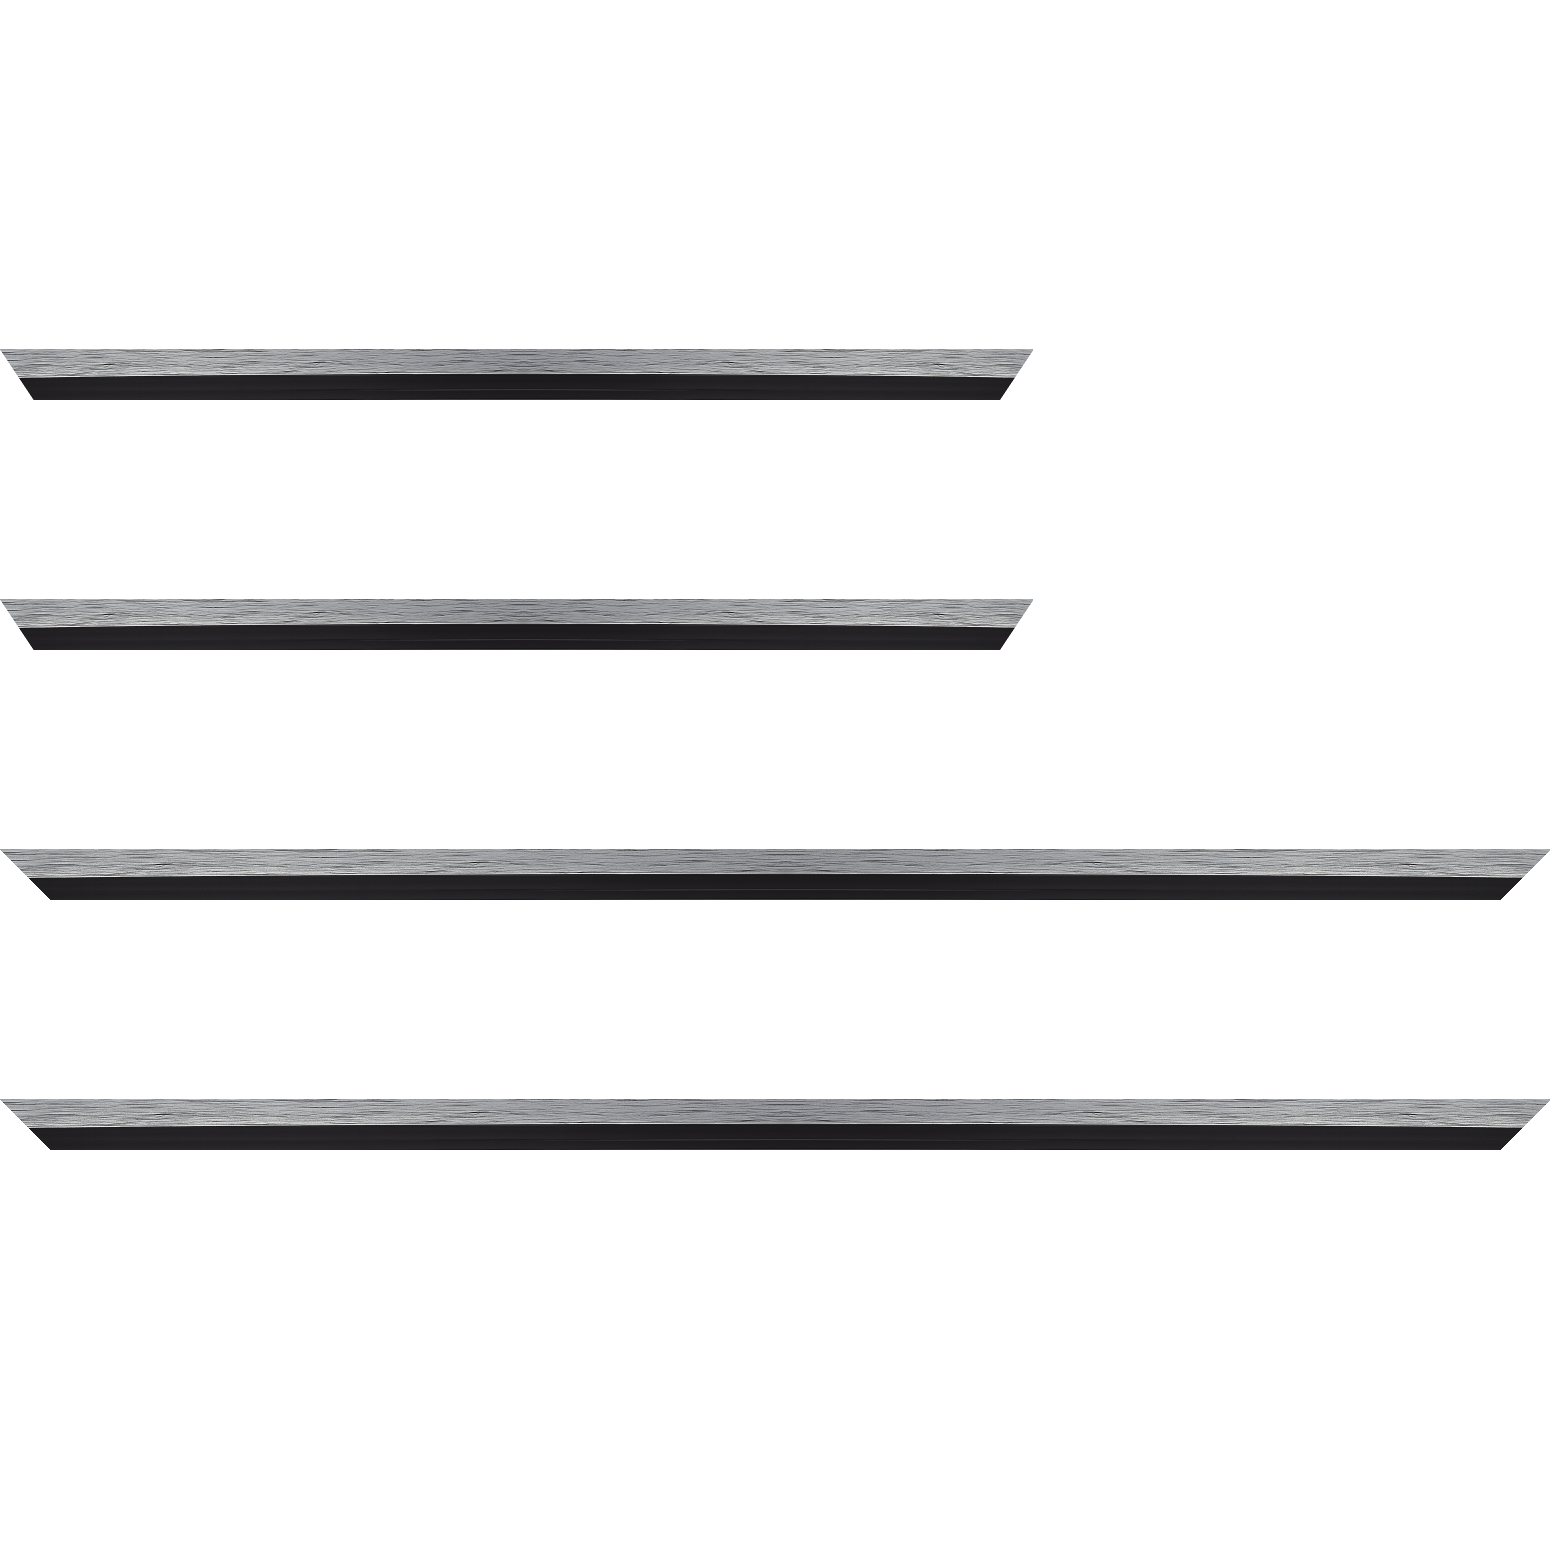 Baguette service précoupé Bois profil plat largeur 1.6cm couleur argent contemporain filet noir en retrait de la face du cadre de 6mm assurant un effet très original